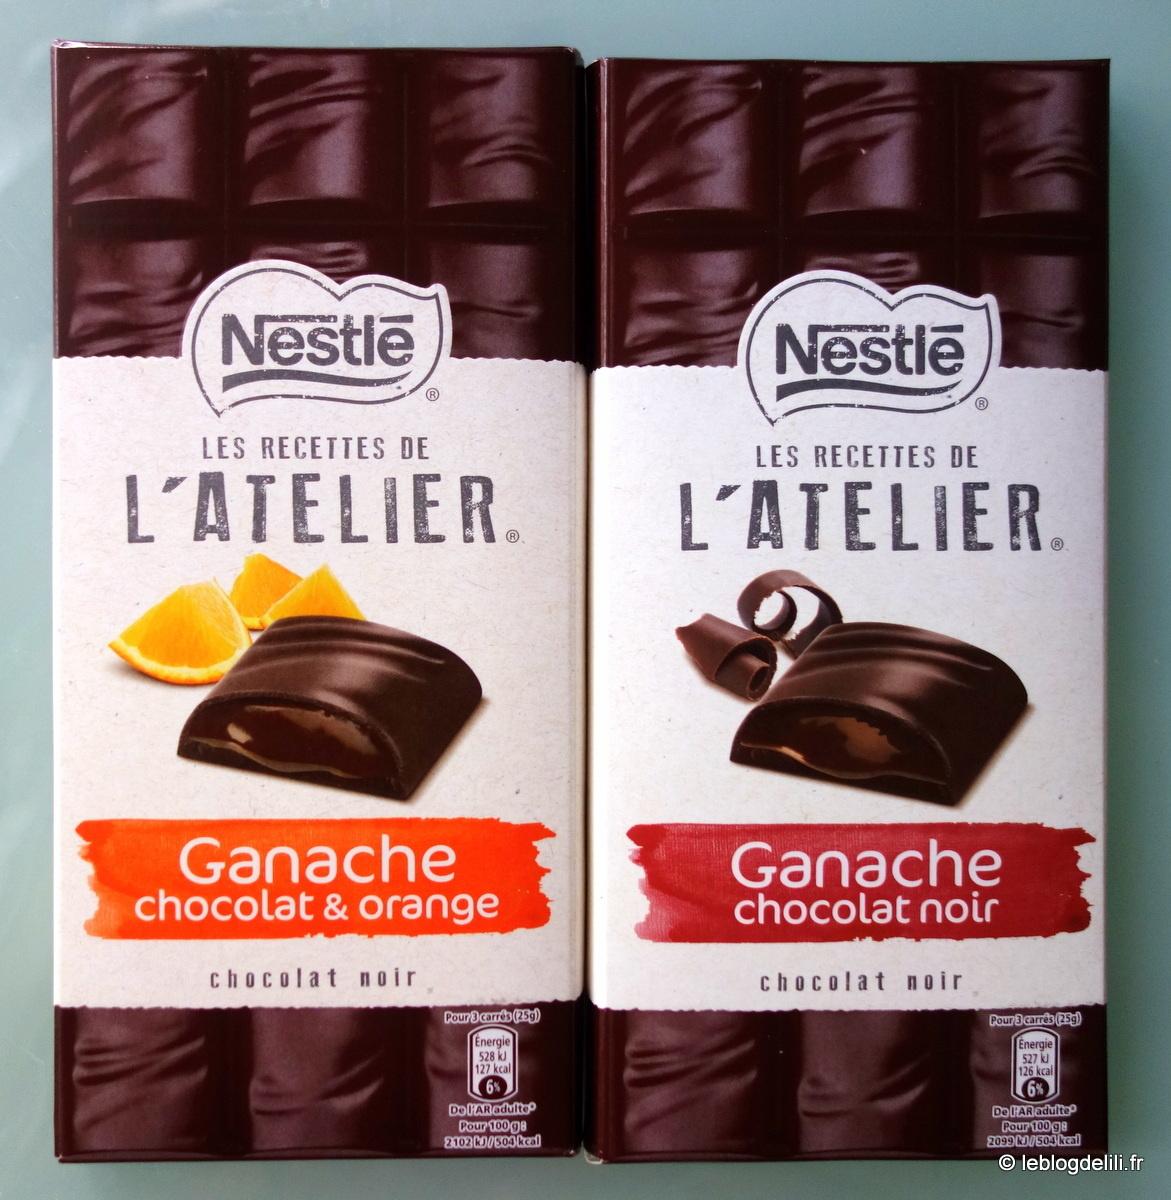 ♪♫ Nestlé, c'est fort en chocolat ♪♫ Les recettes de l'atelier